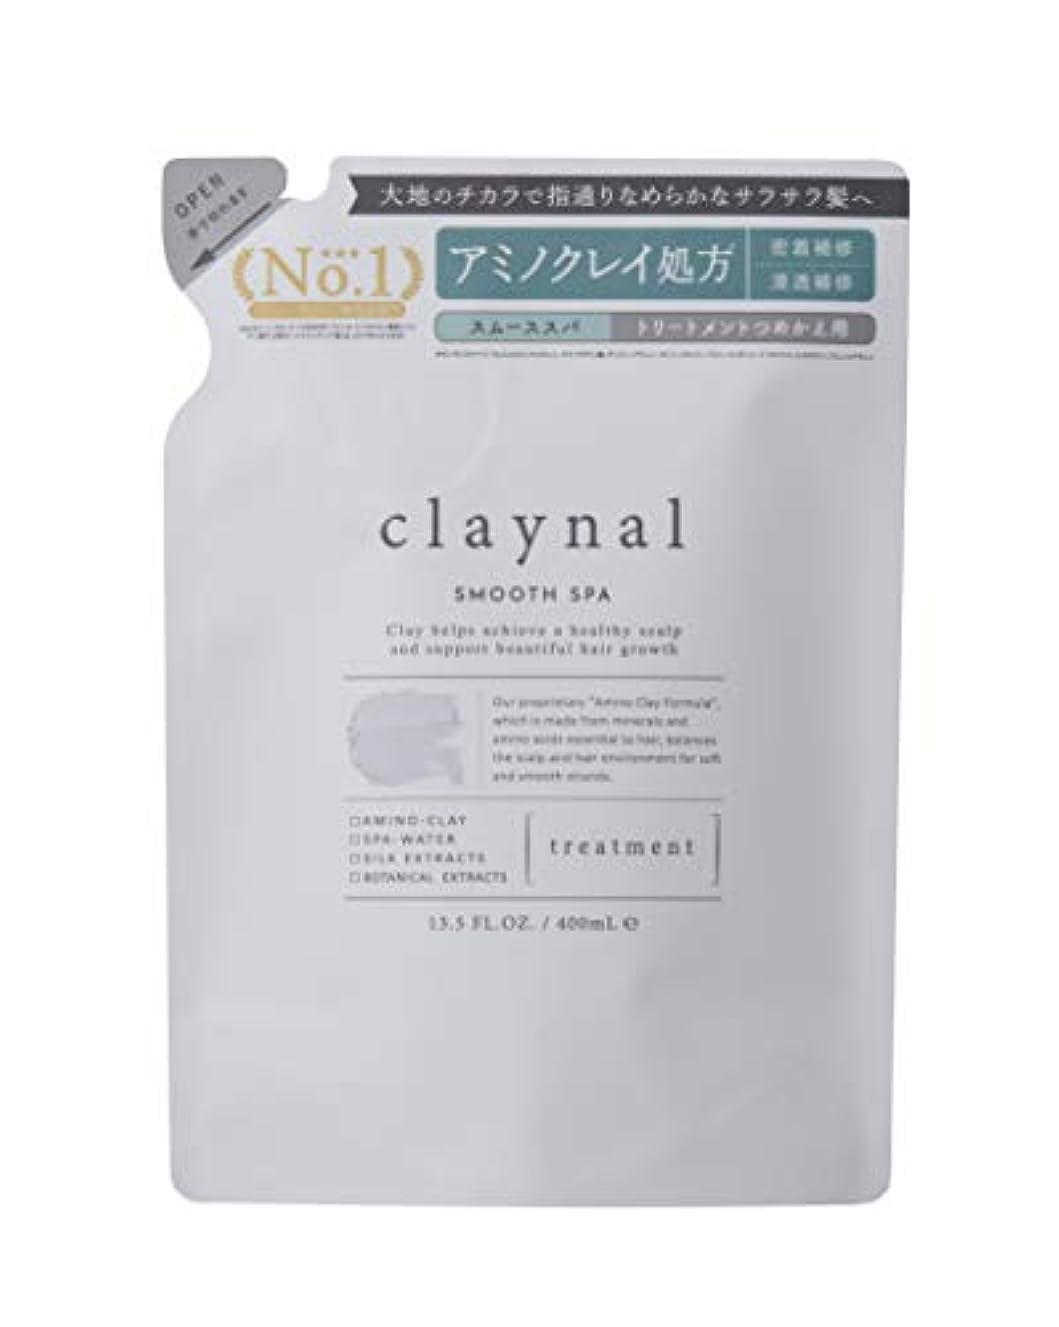 タフパテ機転claynal(クレイナル) クレイナル スムーススパトリートメント(詰替え)400mL